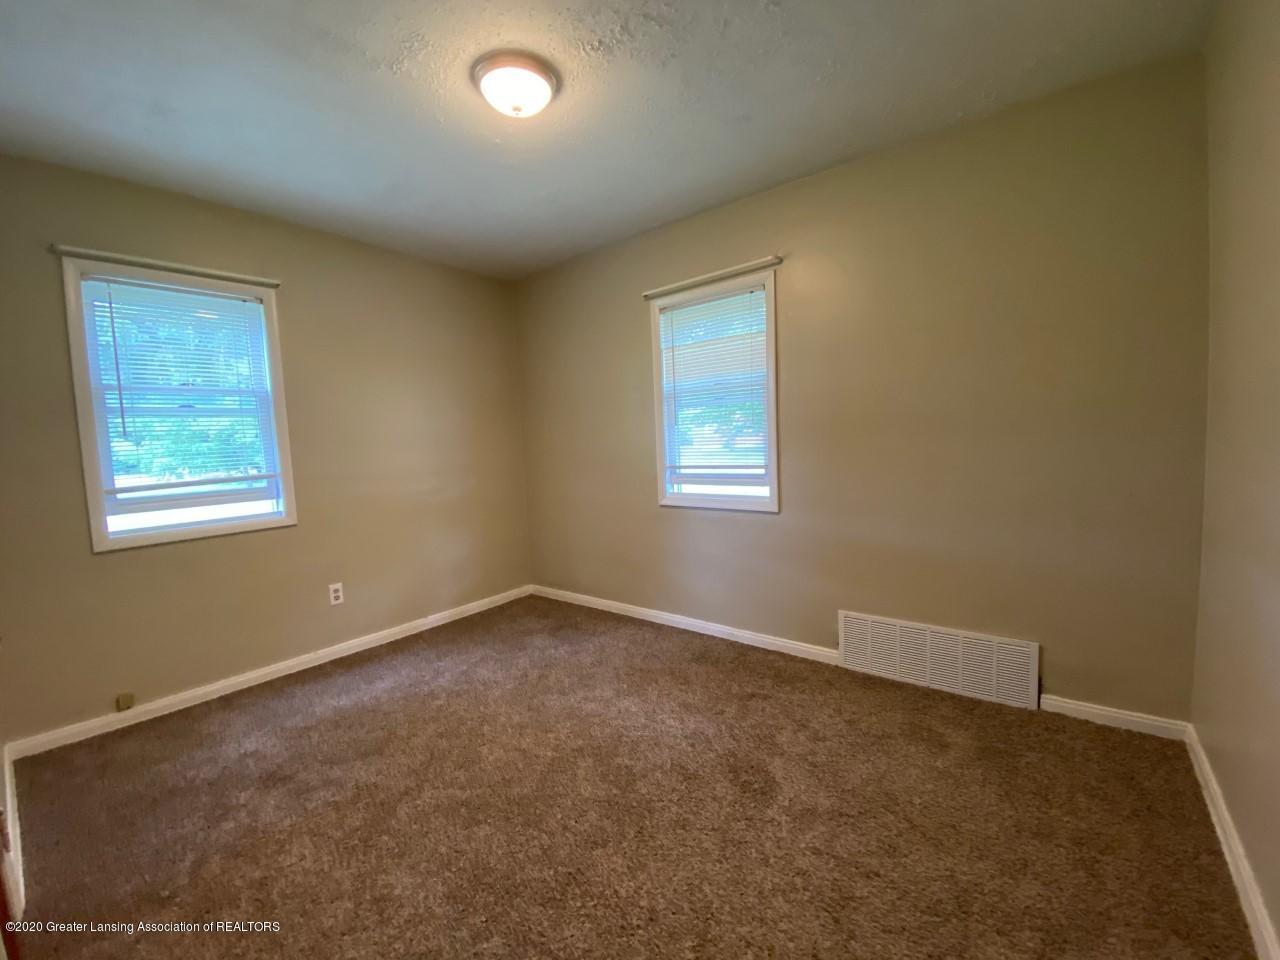 2847 Gramer Rd - Bedroom 2 - 17